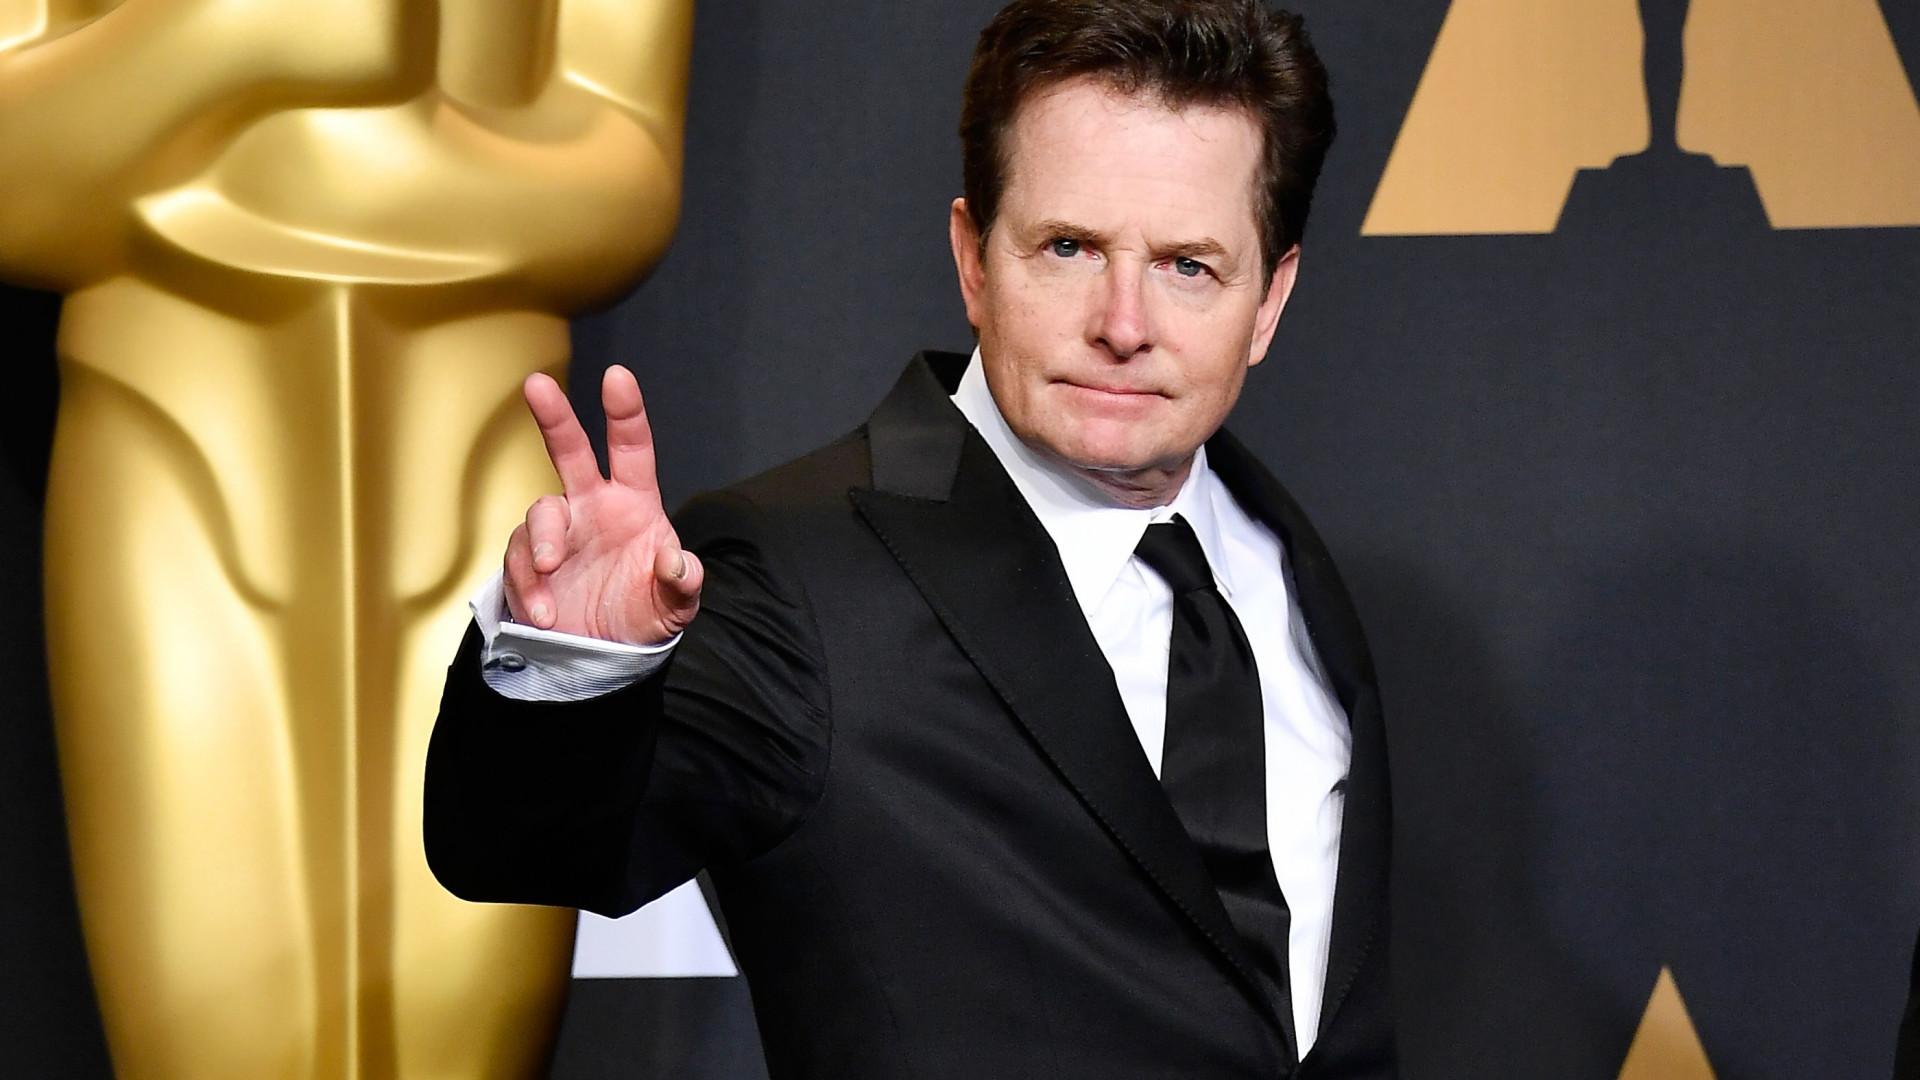 Michael J. Fox diz que 'caiu no álcool' após saber que tinha Parkinson